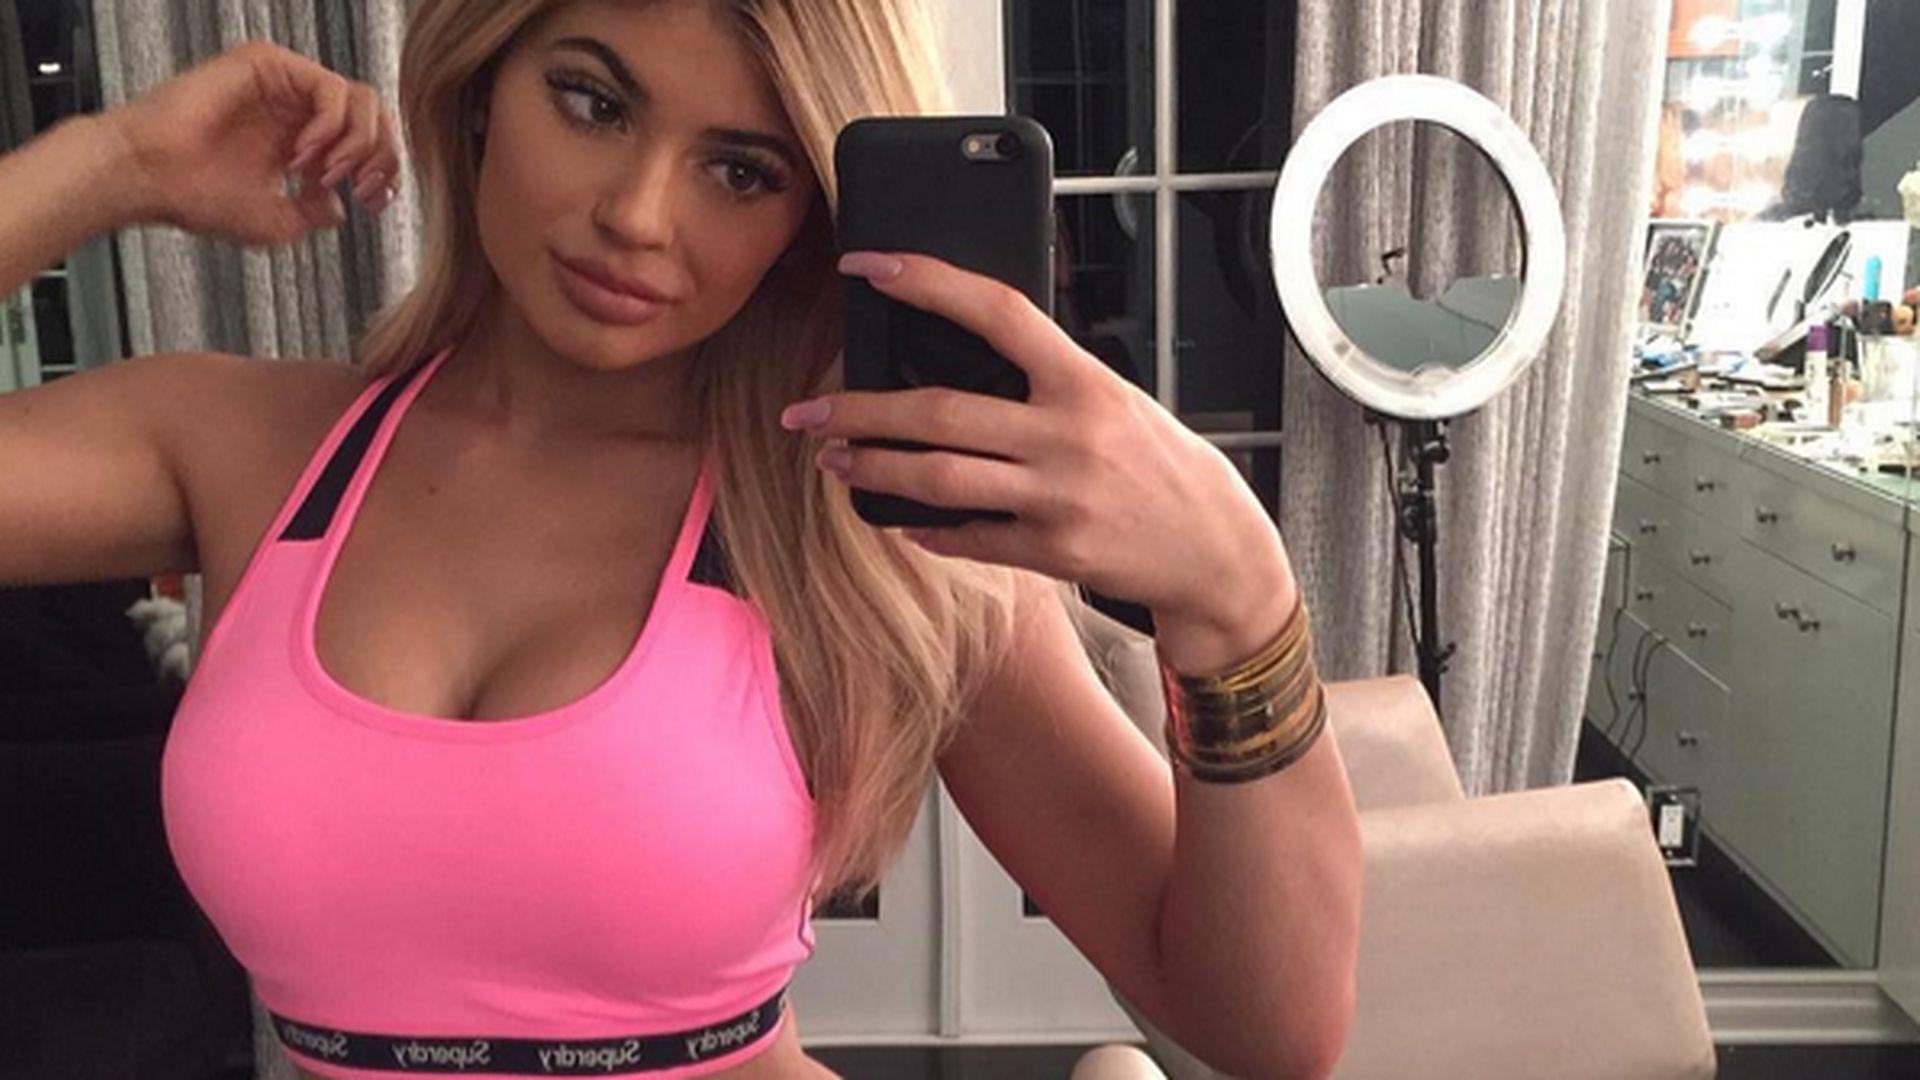 Doch keine Beauty-OP? Kylie Jenner hat echte Brüste